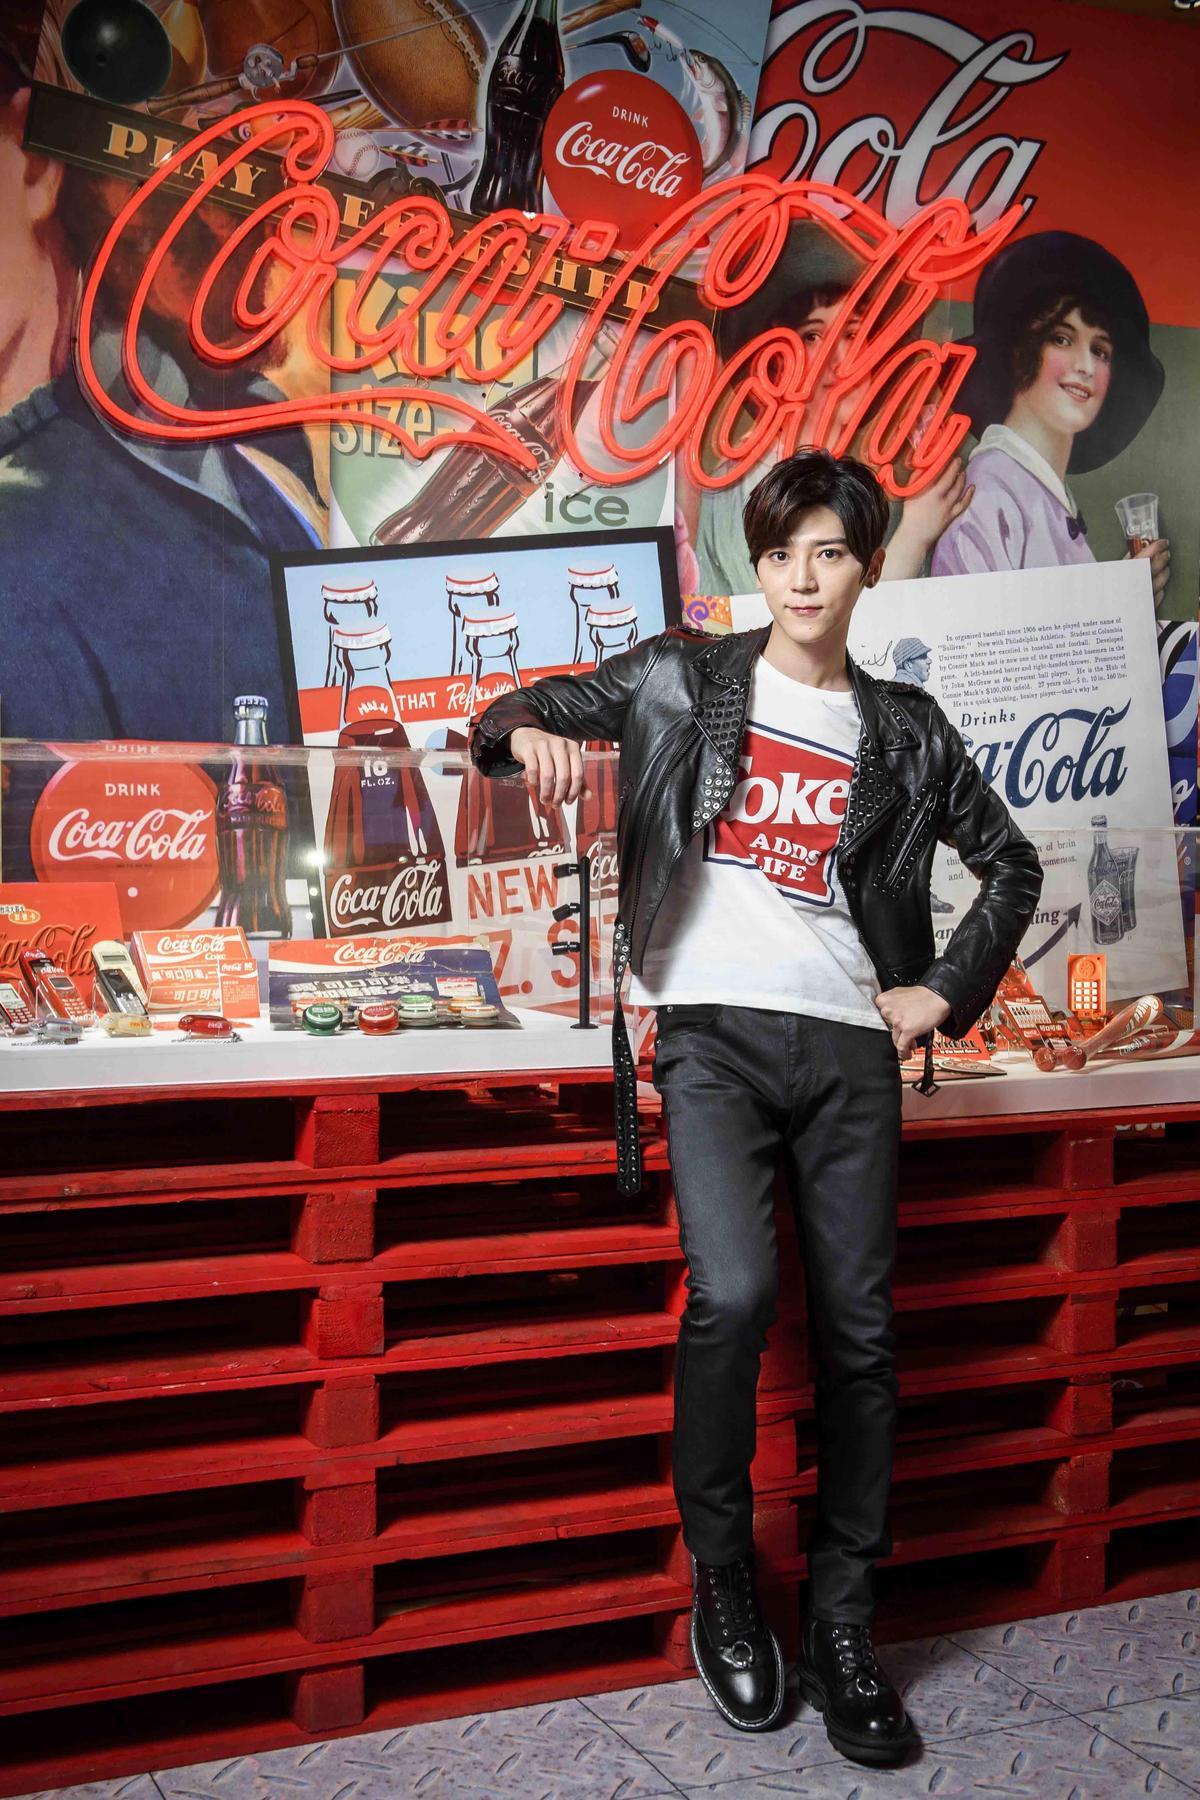 Bii畢書盡3日出席飲料活動,透露高雄演唱會將有超大驚喜送給歌迷。(可口可樂提供)